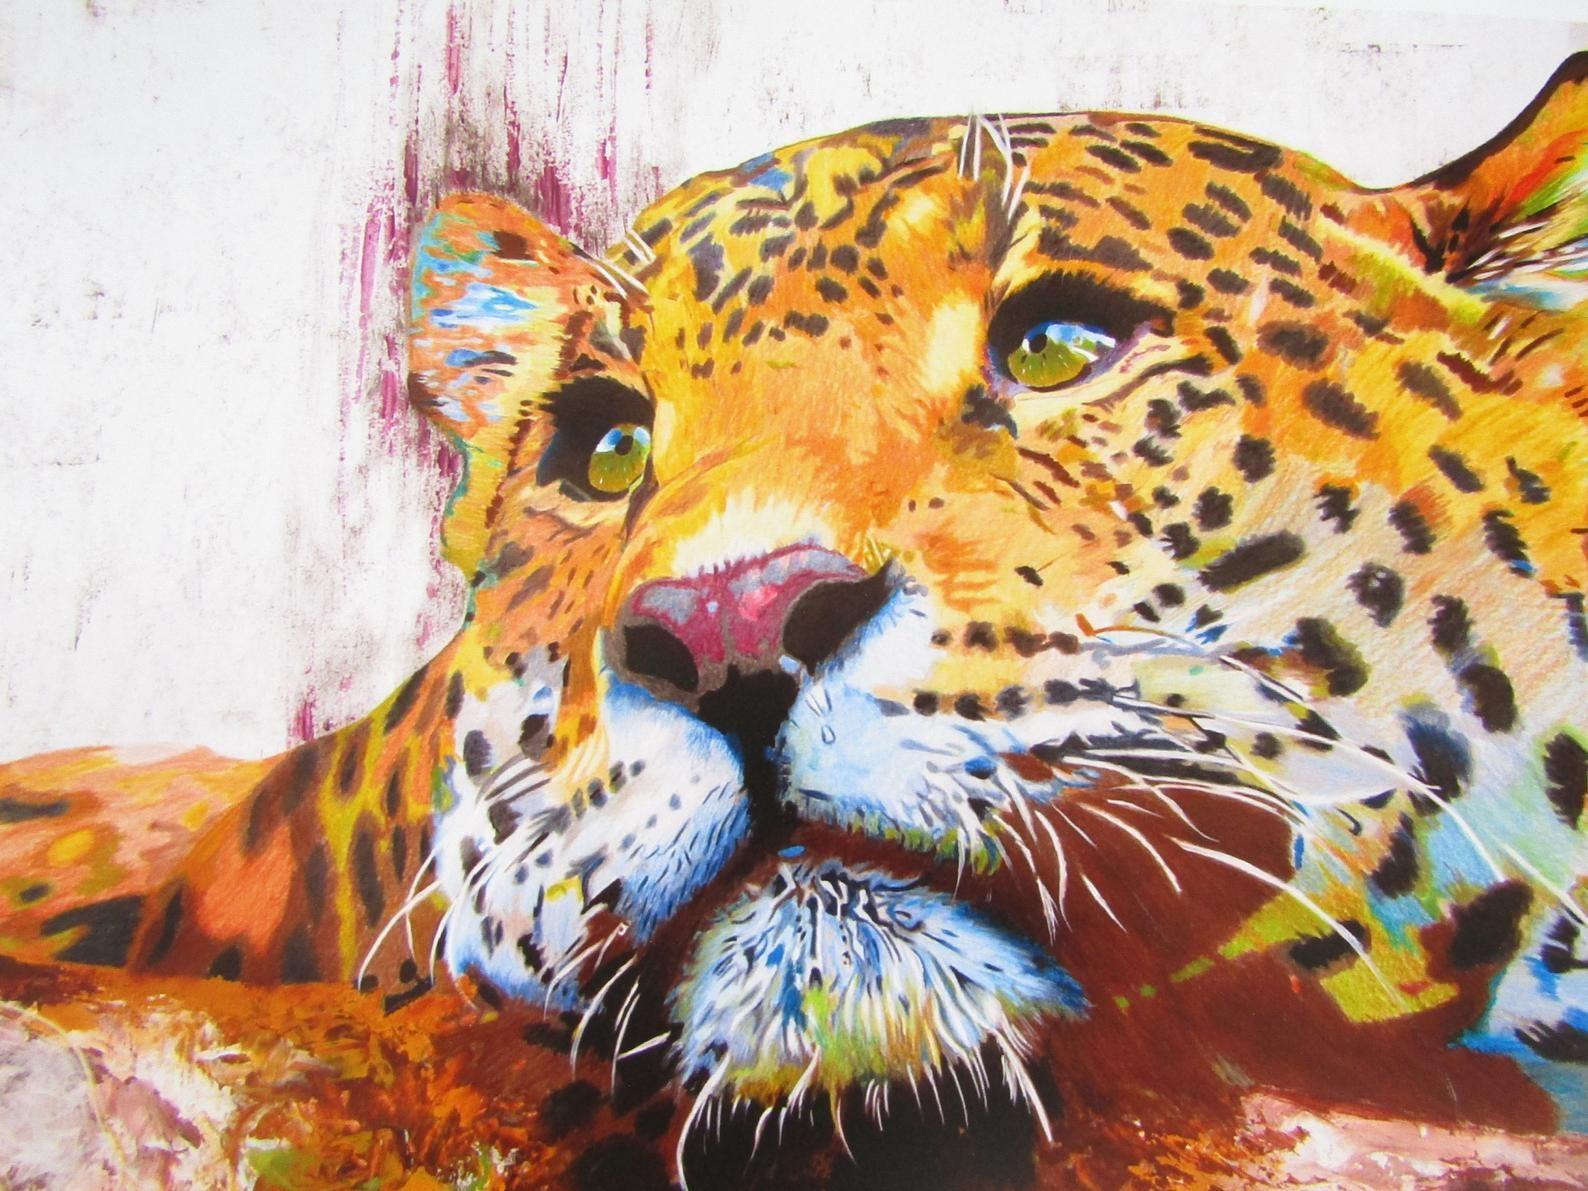 Jaguar Print Jaguar Art Jaguar Art Print Jaguar Wall Art Etsy In 2021 Jaguar Print Etsy Wall Art Big Cats Art